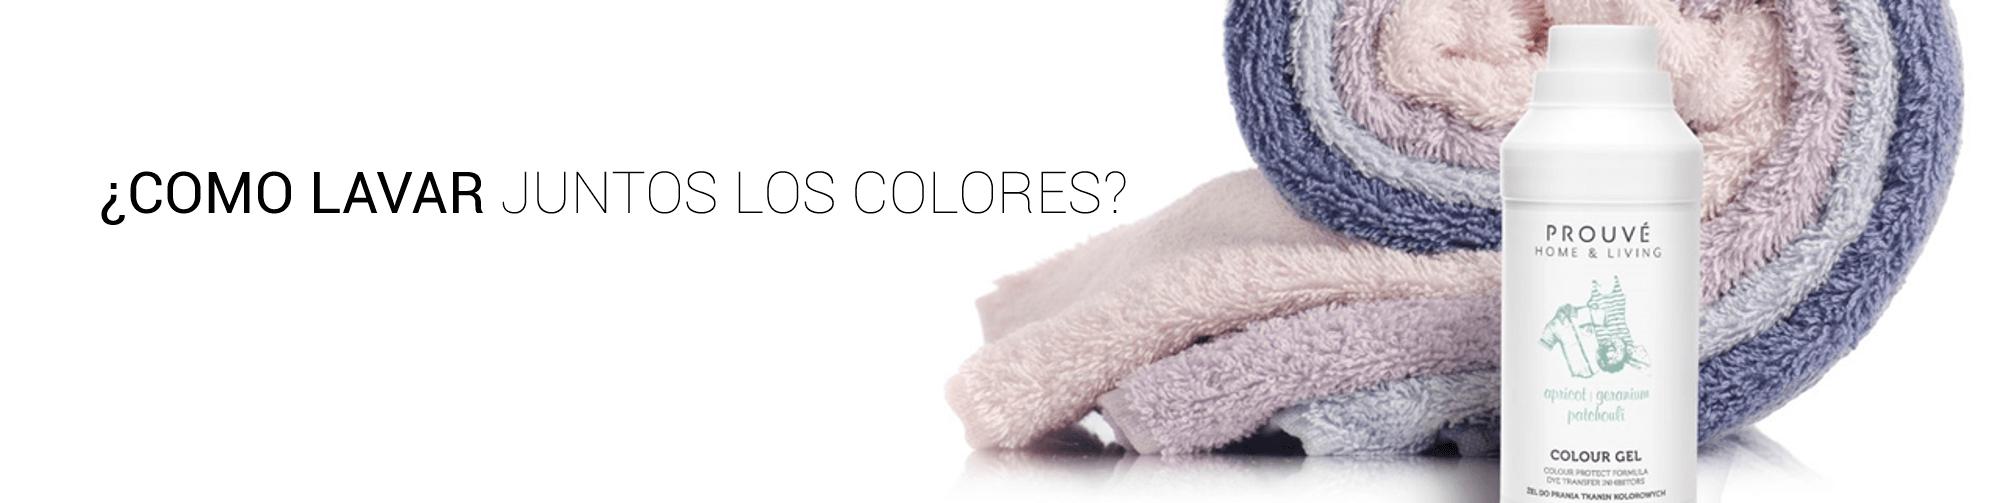 lavar juntos los colores